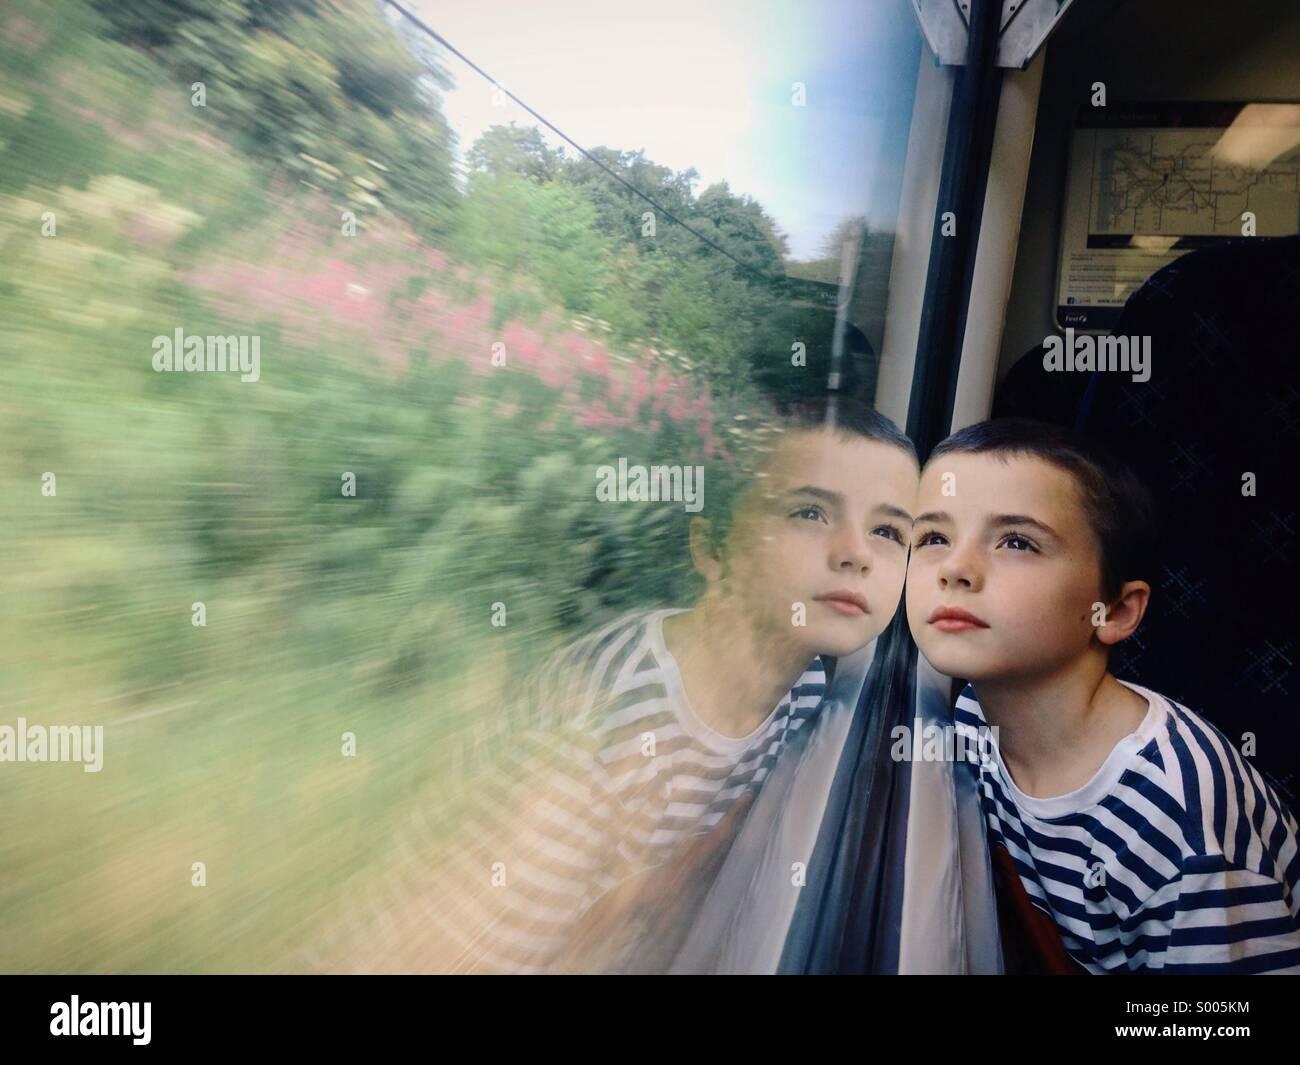 Ragazzo giovane guardando fuori della finestra del treno Immagini Stock